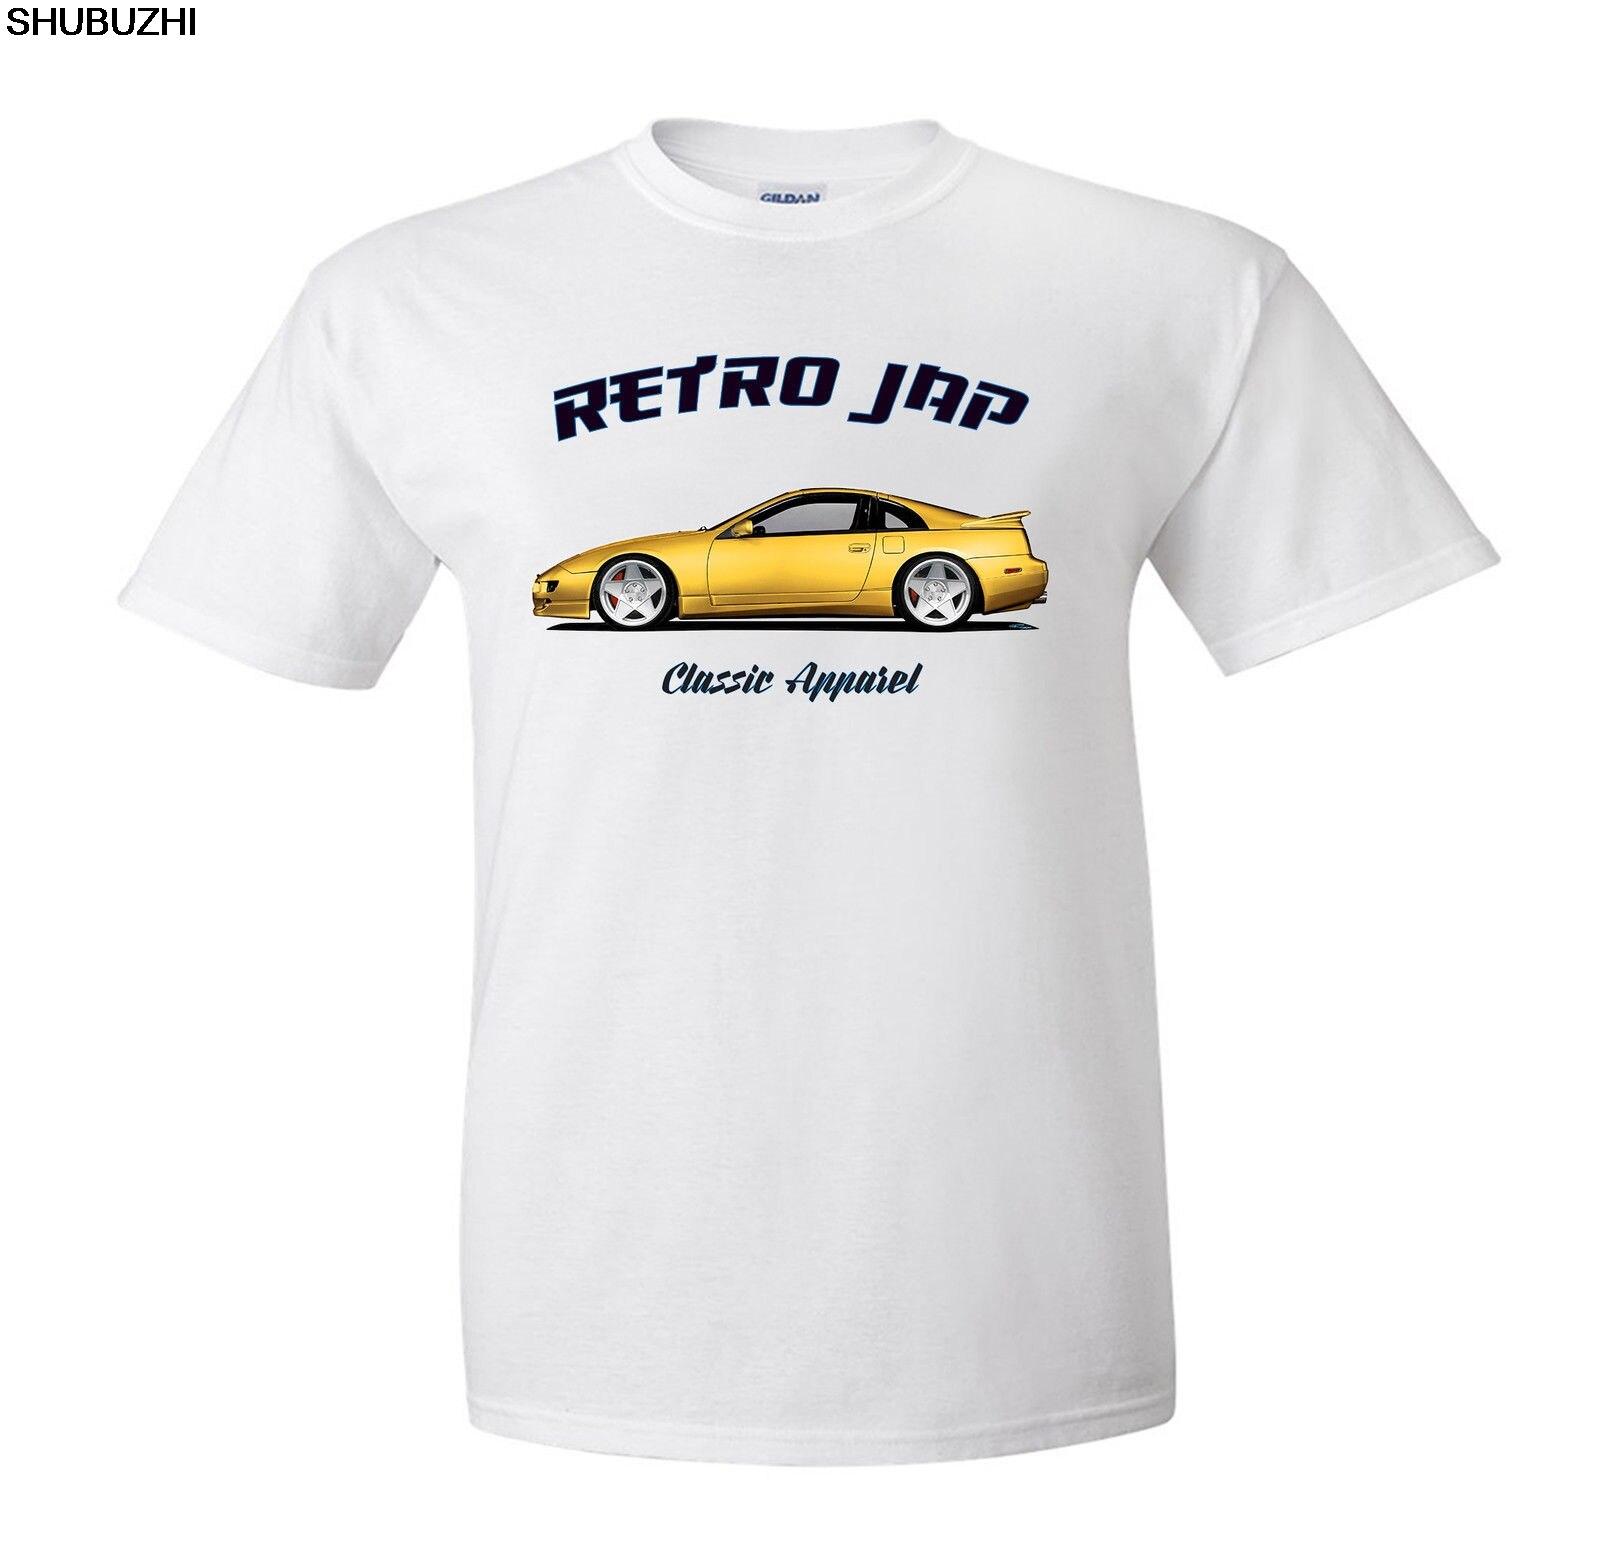 Мужская летняя футболка shubuzhi, японская Классическая футболка для фанатов автомобилей 300Zx Z32. Ретро СПД. Классических автомобилей. Модифицированный. Jdm. Идеи футболок